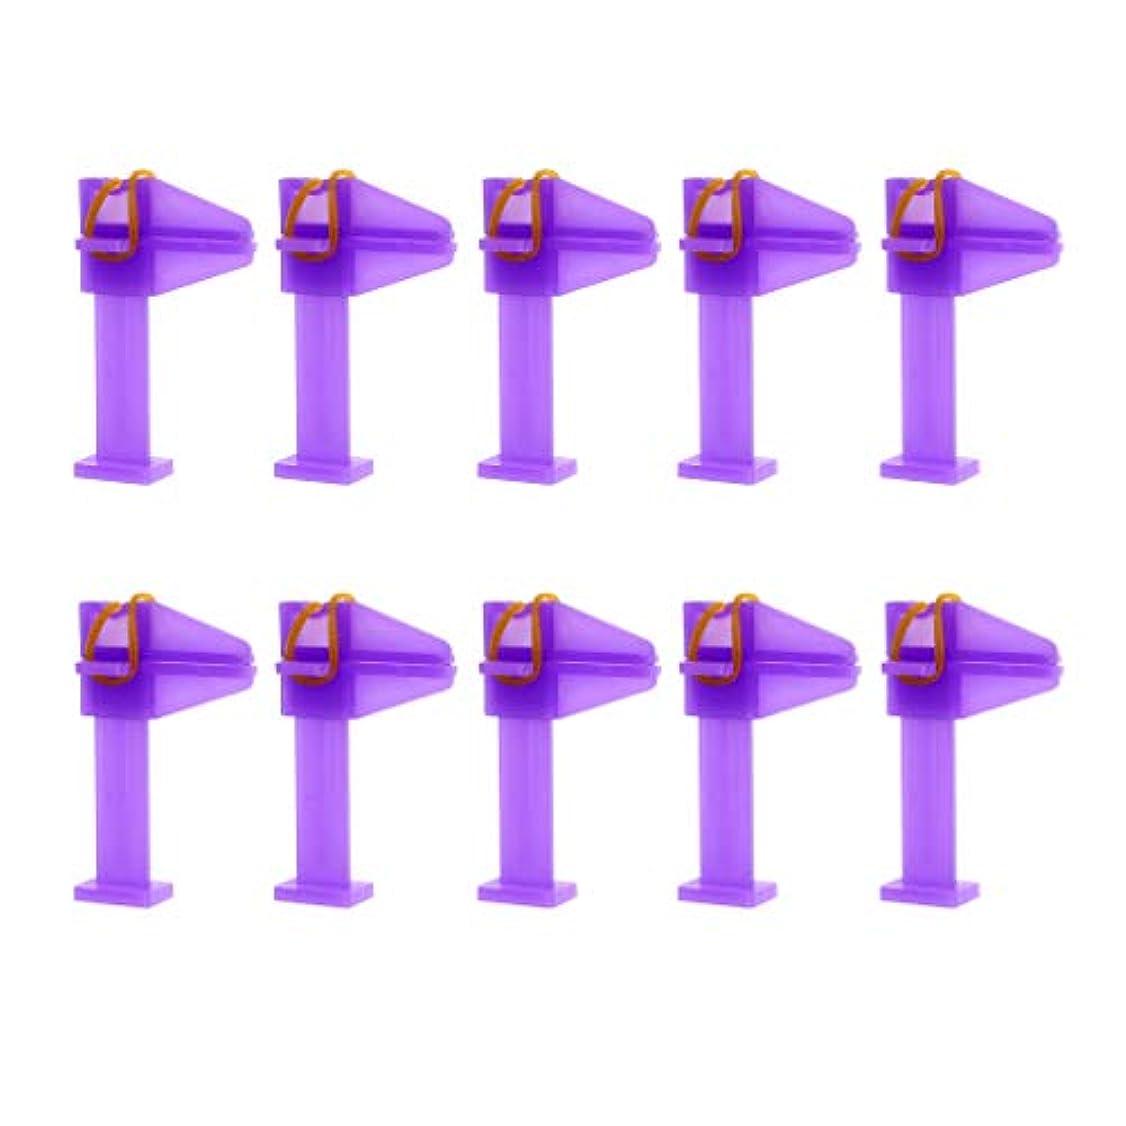 突然生じるふざけた10ピース/個ネイルアートポリッシュUVジェルクリップネイルシェイプCカーブアクリルまたはジェルツール - 紫